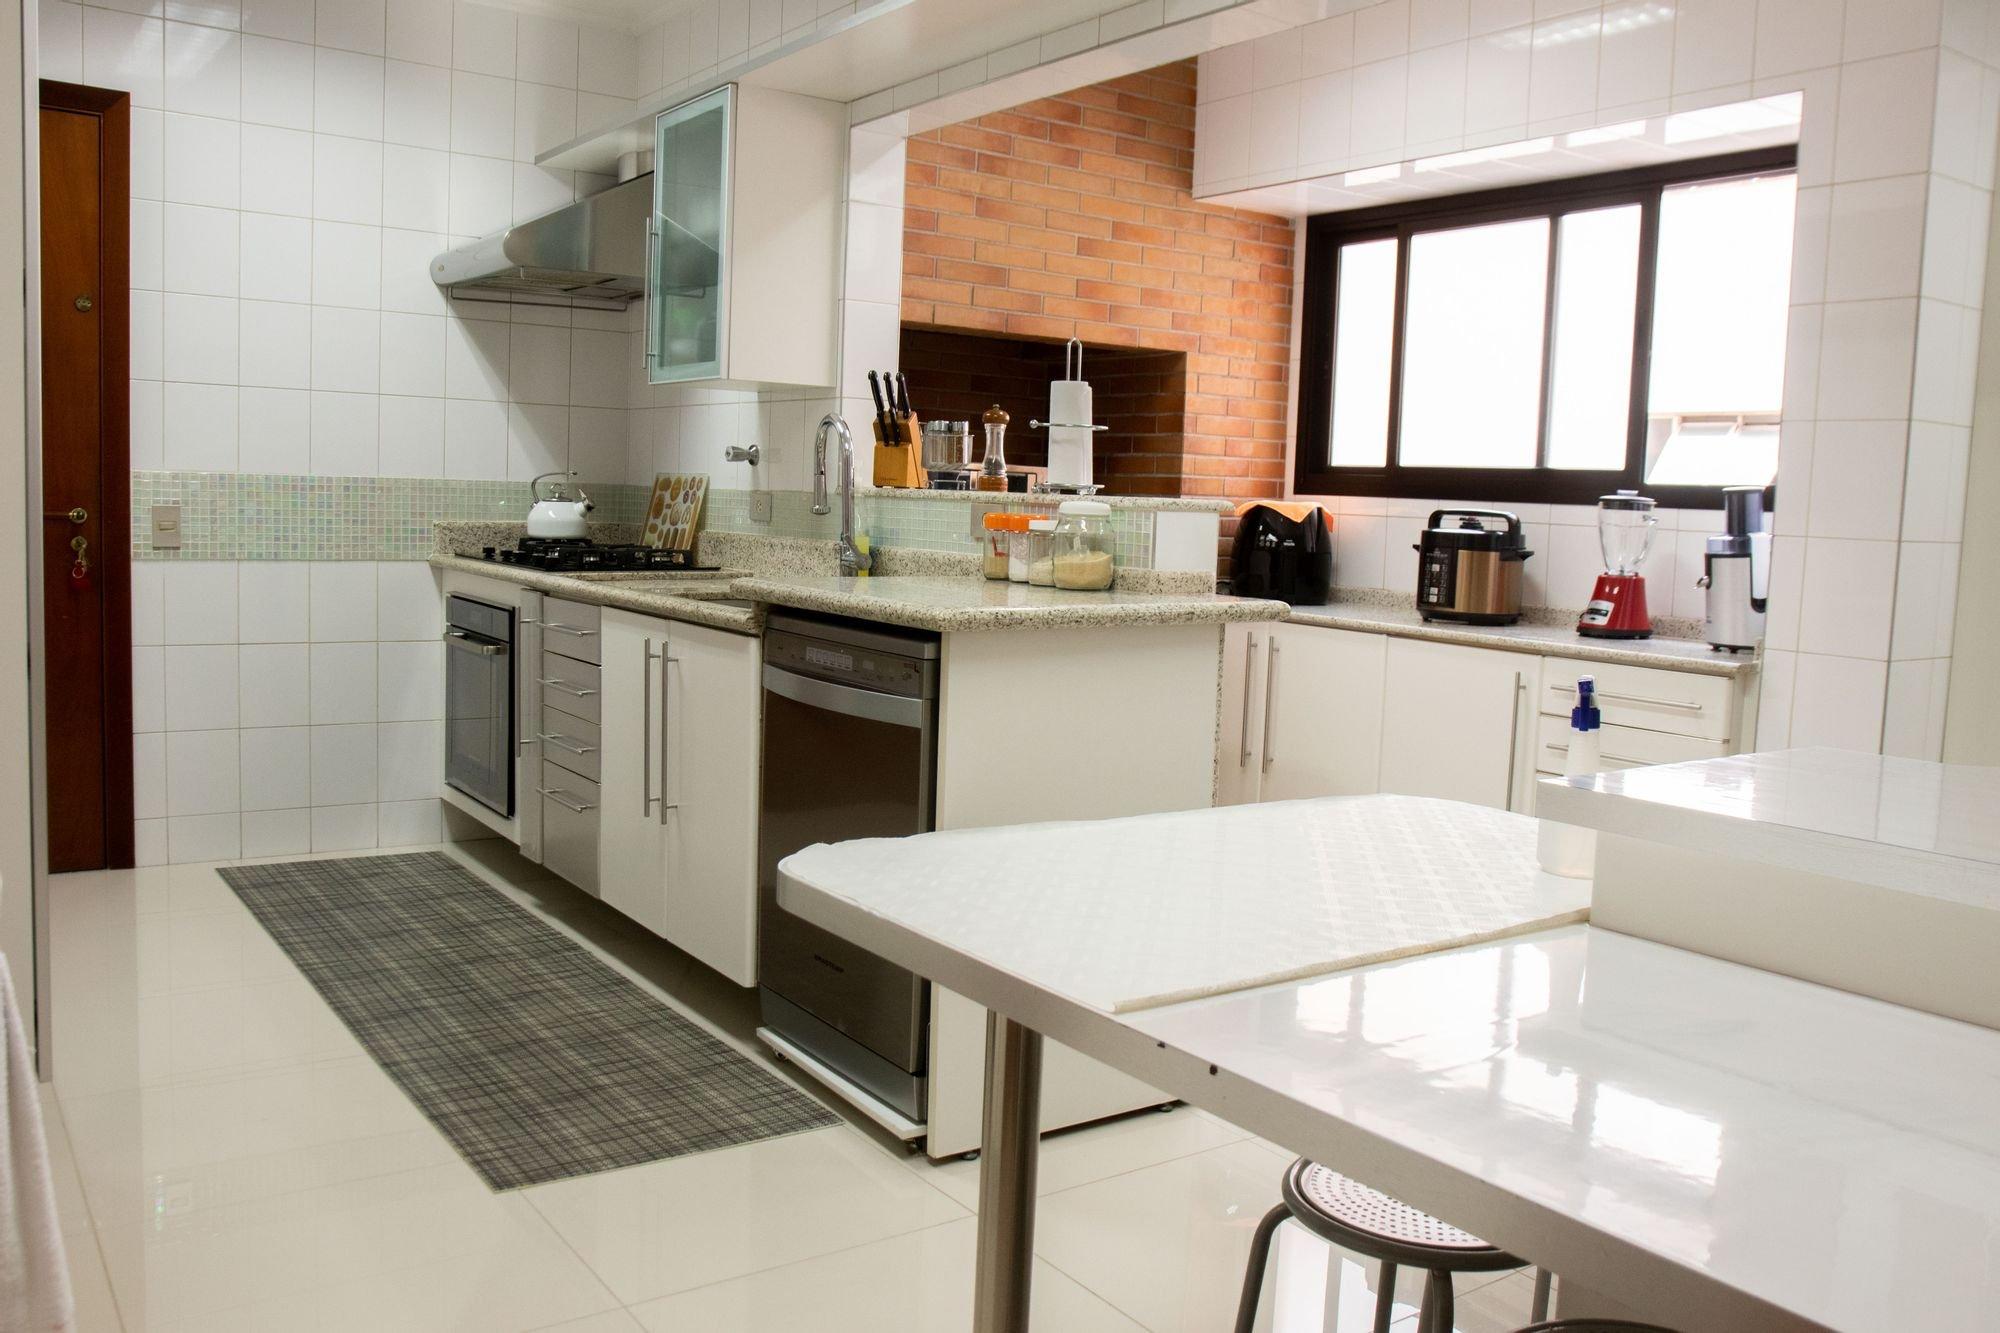 Foto de Cozinha com faca, garrafa, cadeira, mesa de jantar